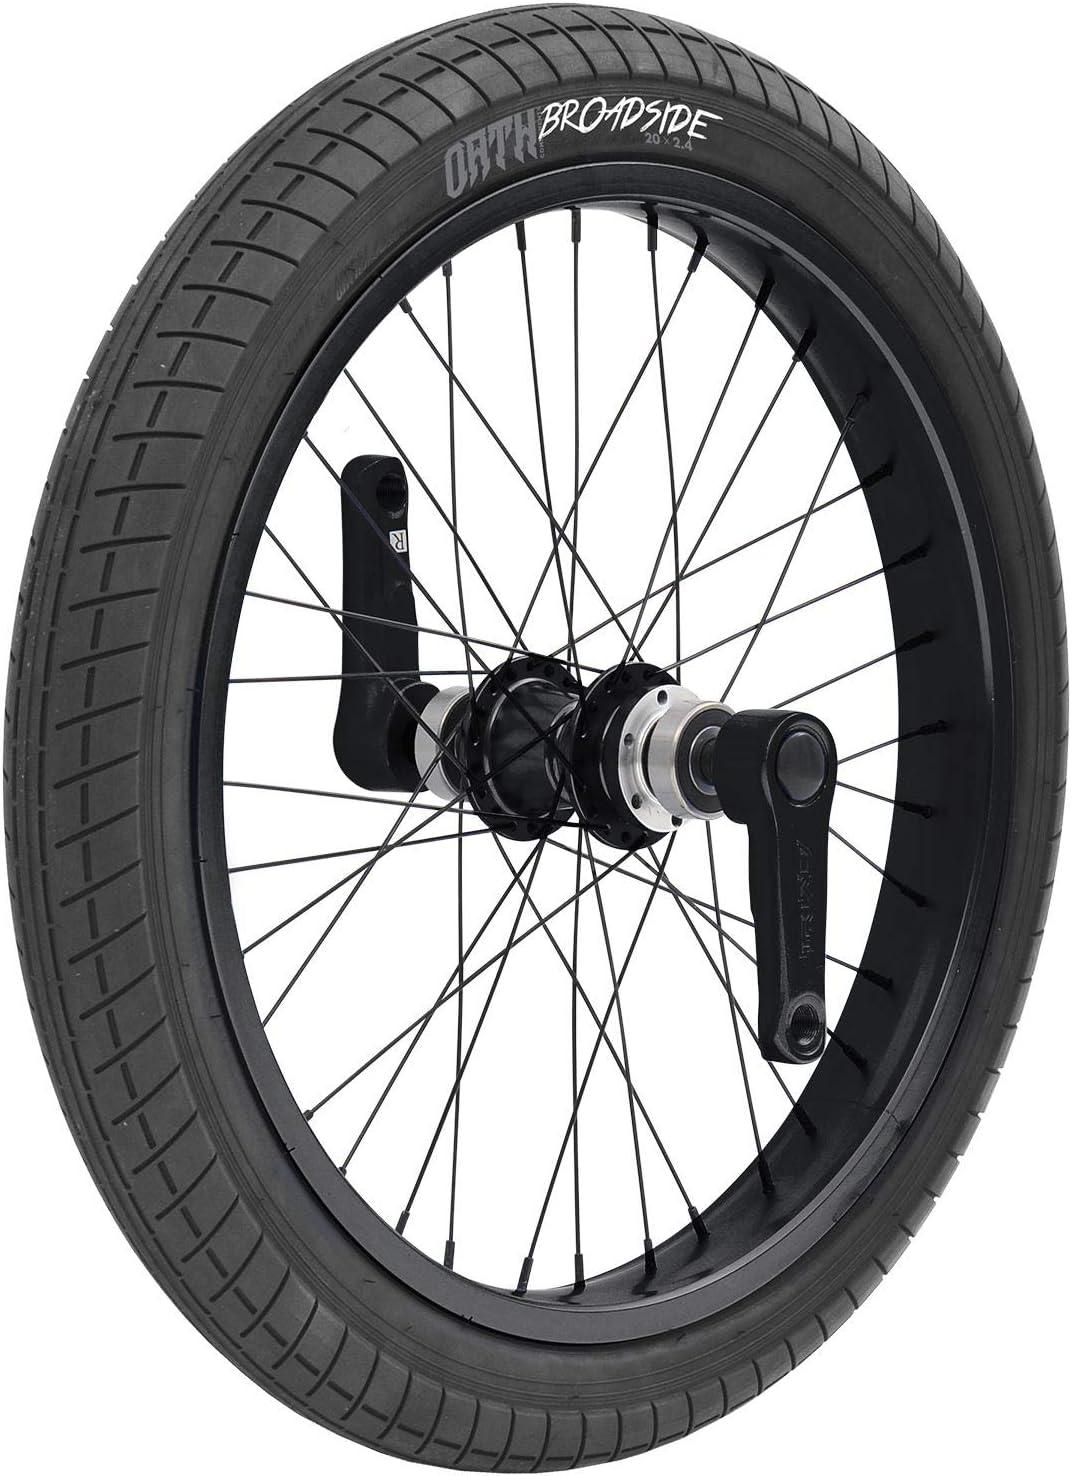 Triad Dynasty Front Wheel Set